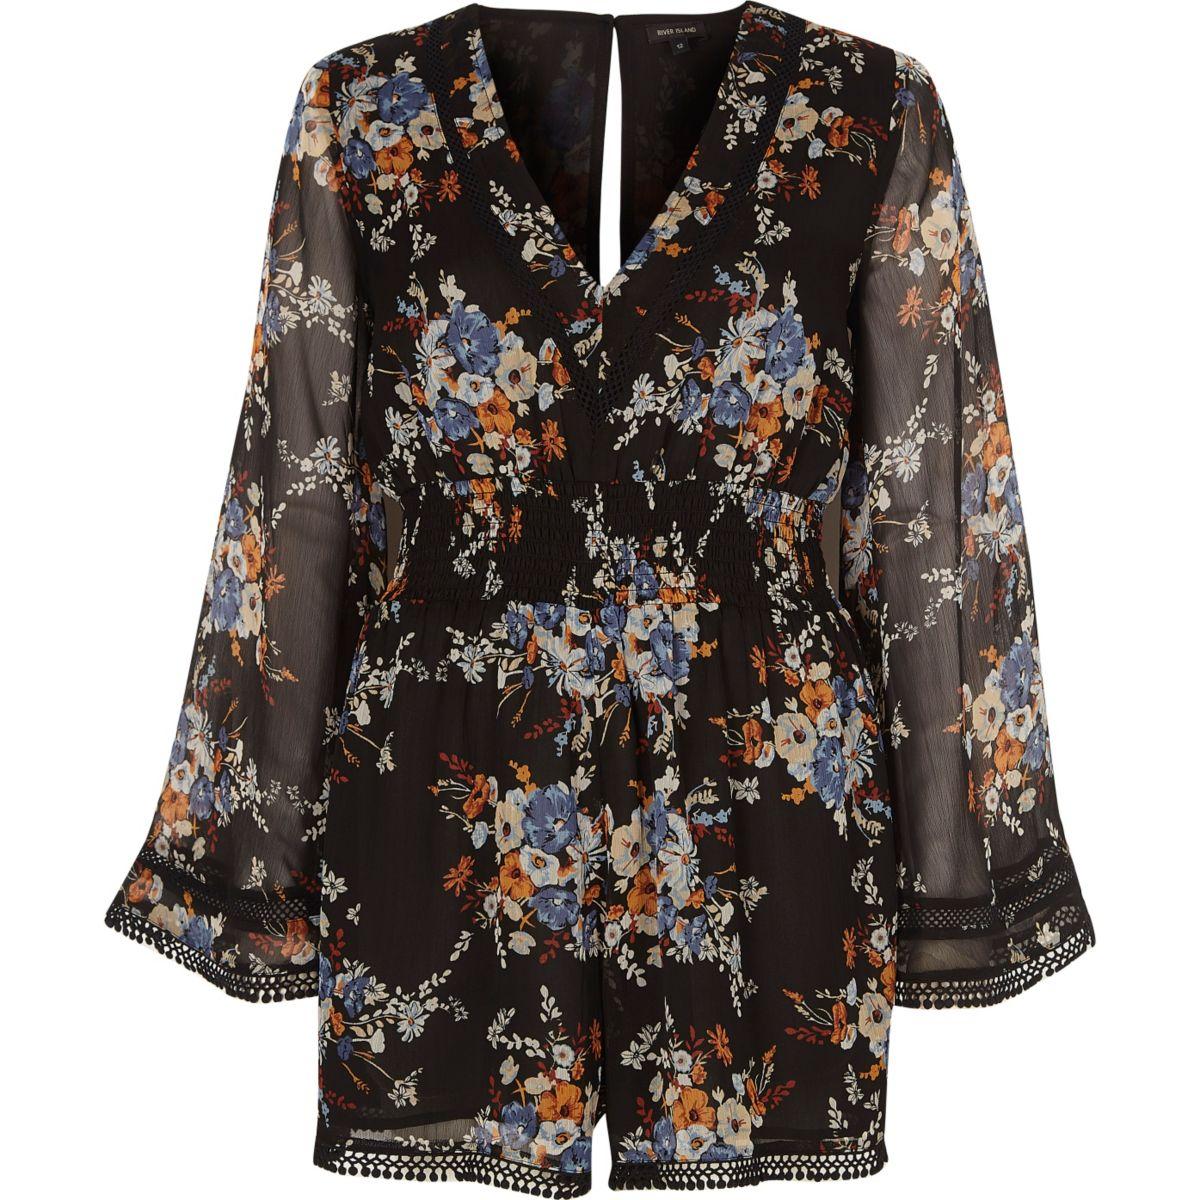 Black chiffon floral kimono playsuit